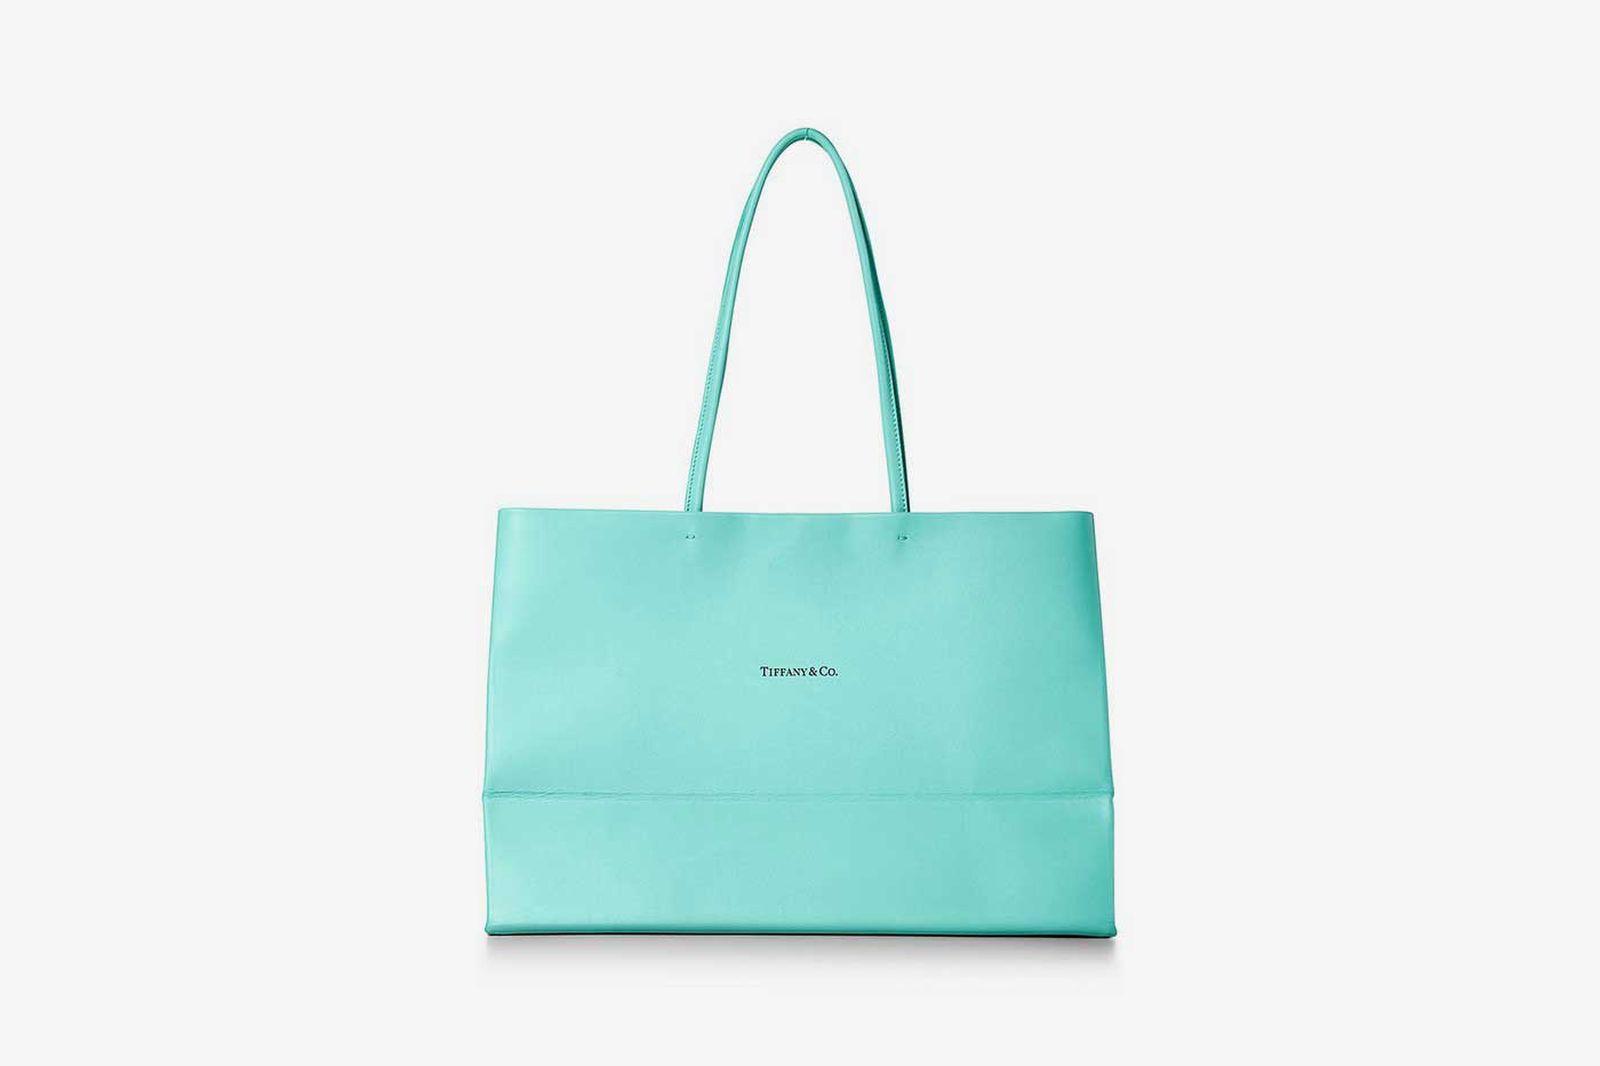 tiffanys-co-leather-hang-bag-1